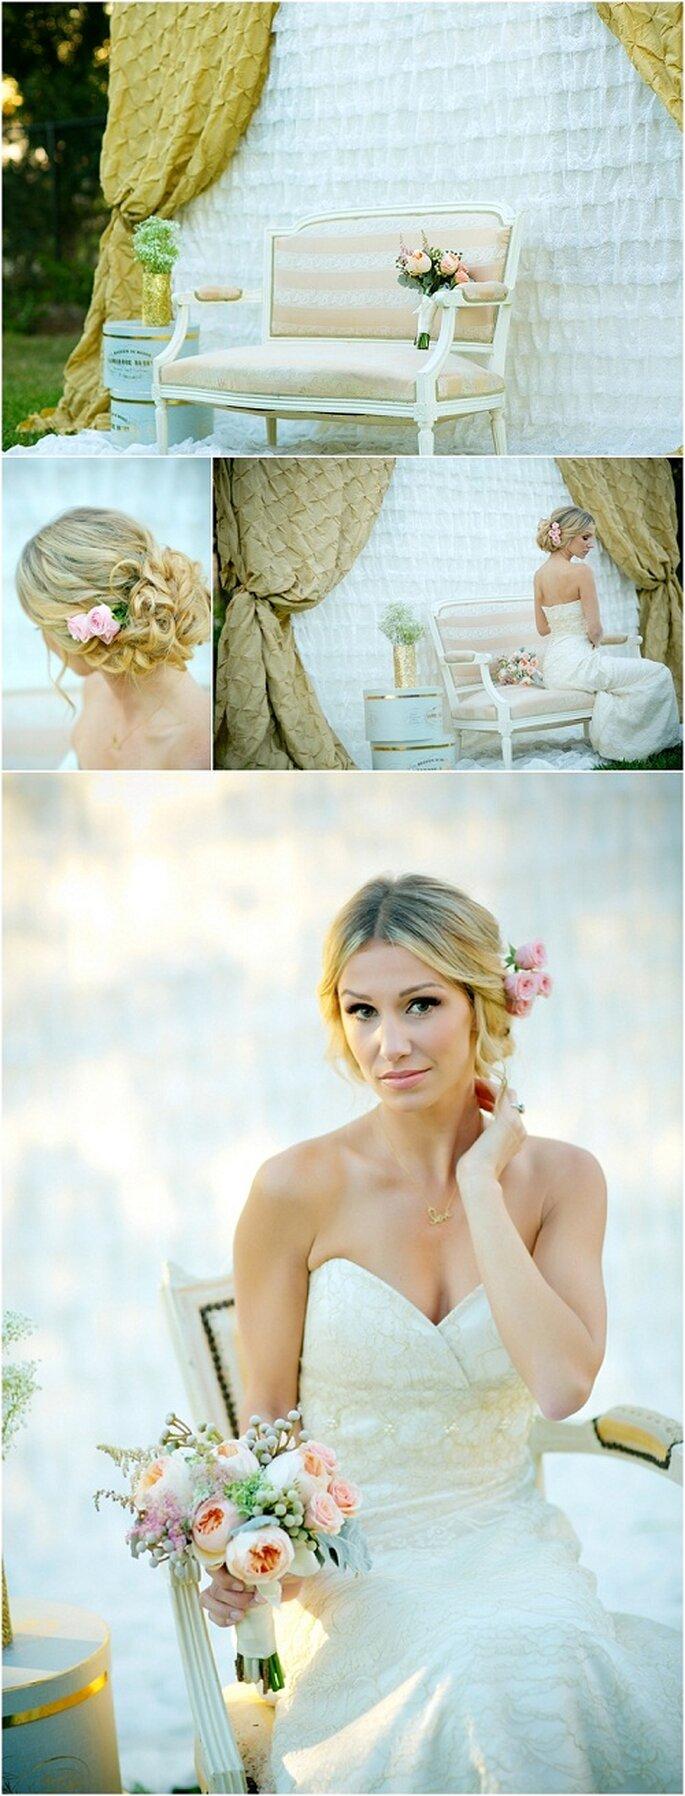 Escenario para fotos de boda con cortina en color dorado - Foto Set Free Photography